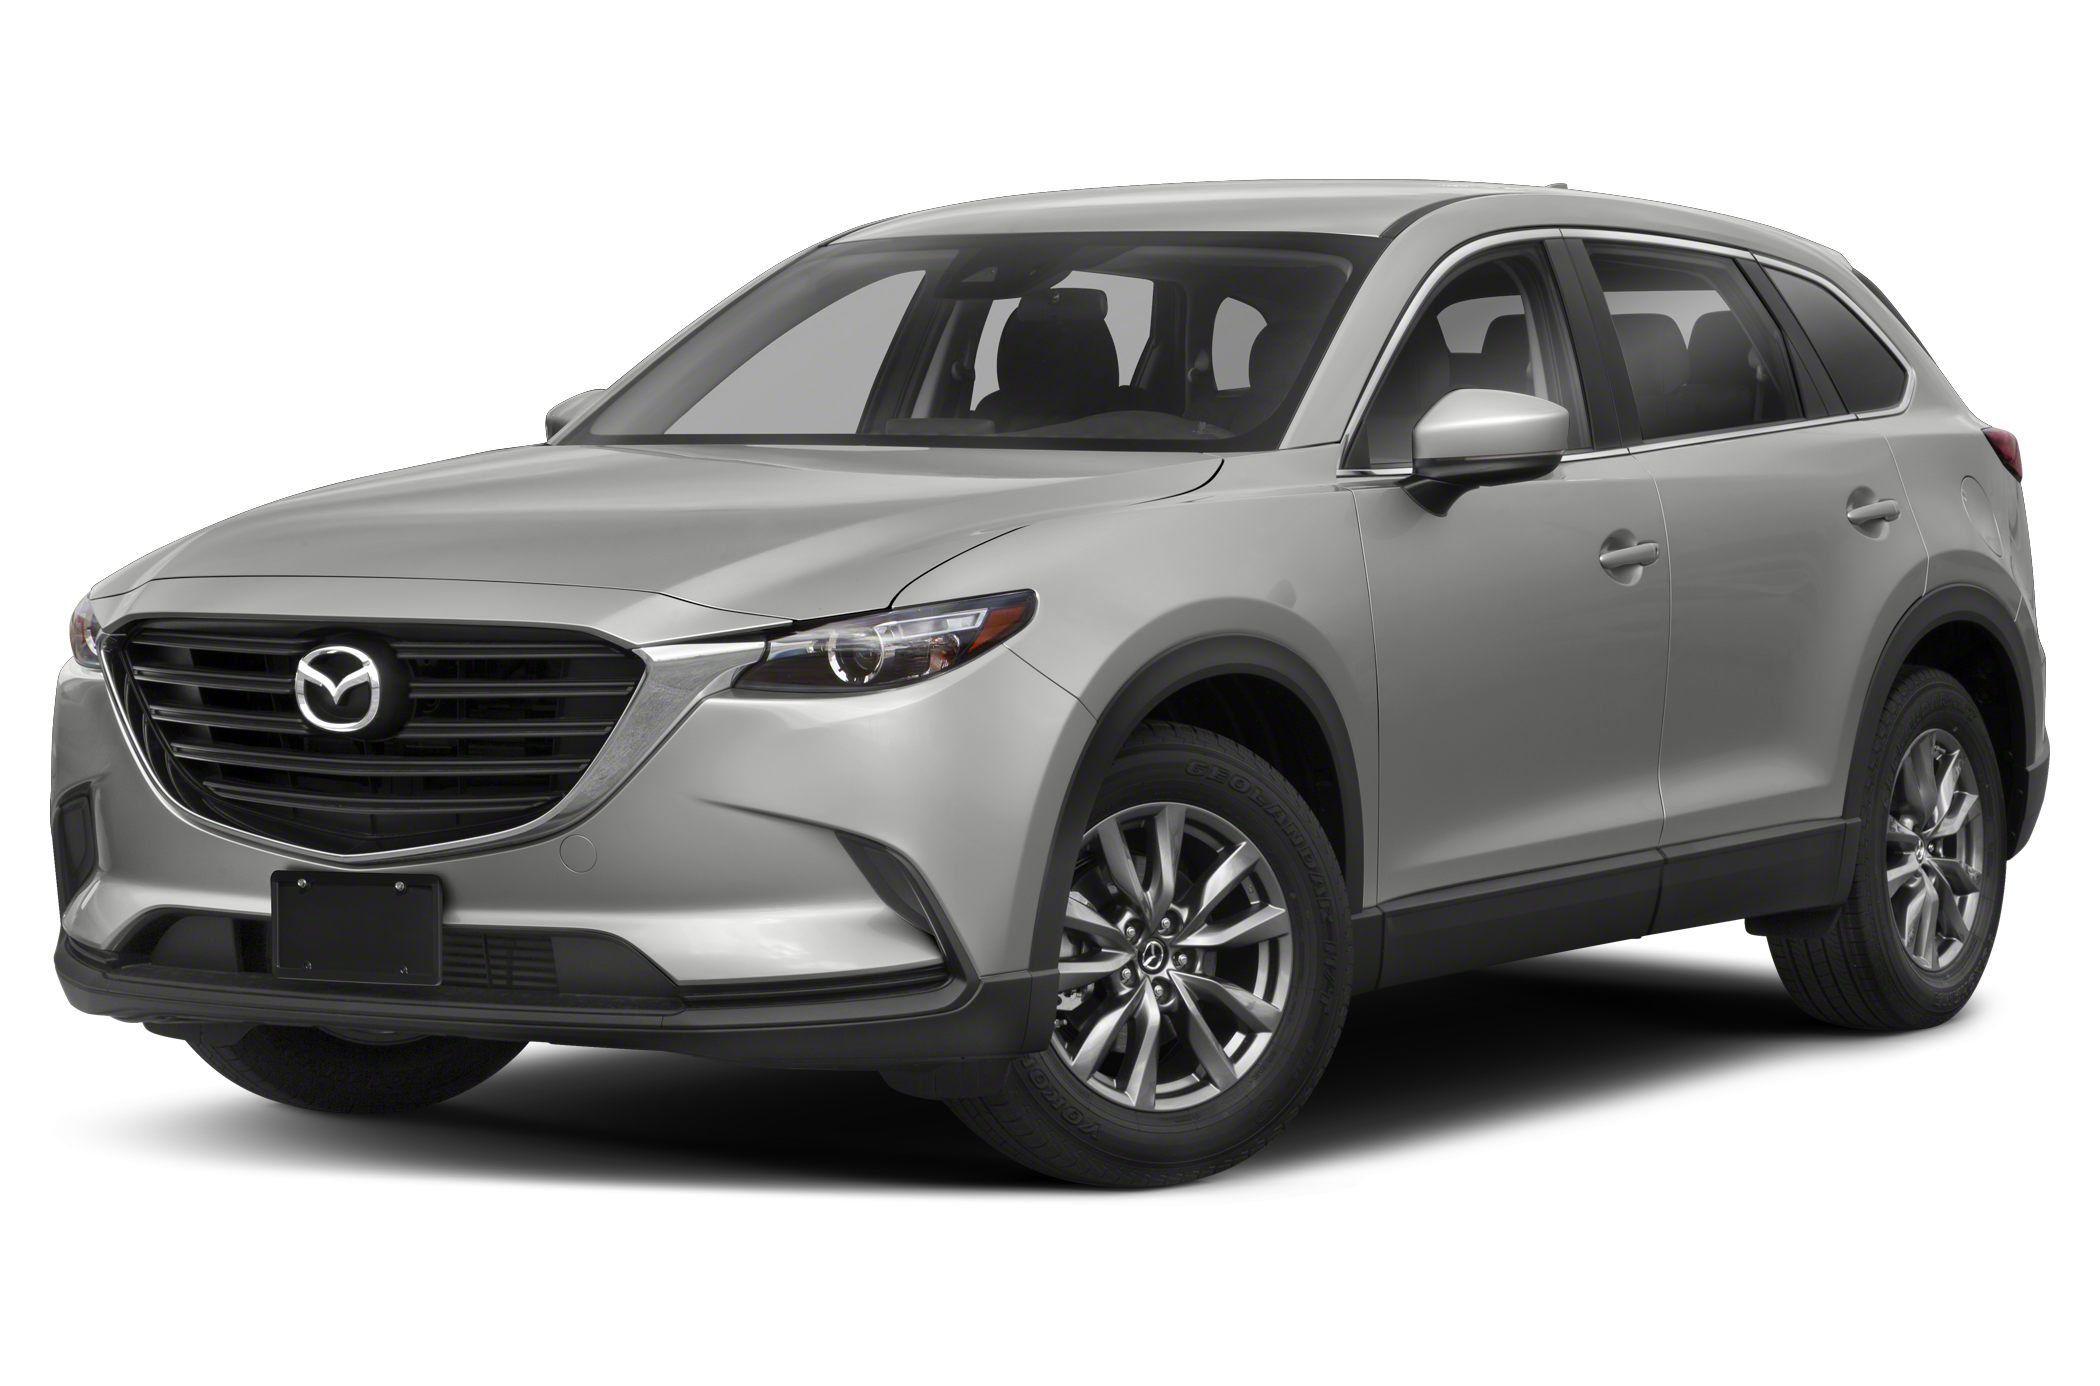 2021 Mazda Mx5 Spy Shoot in 2020 Mazda, Mazda mx5, Mazda mx